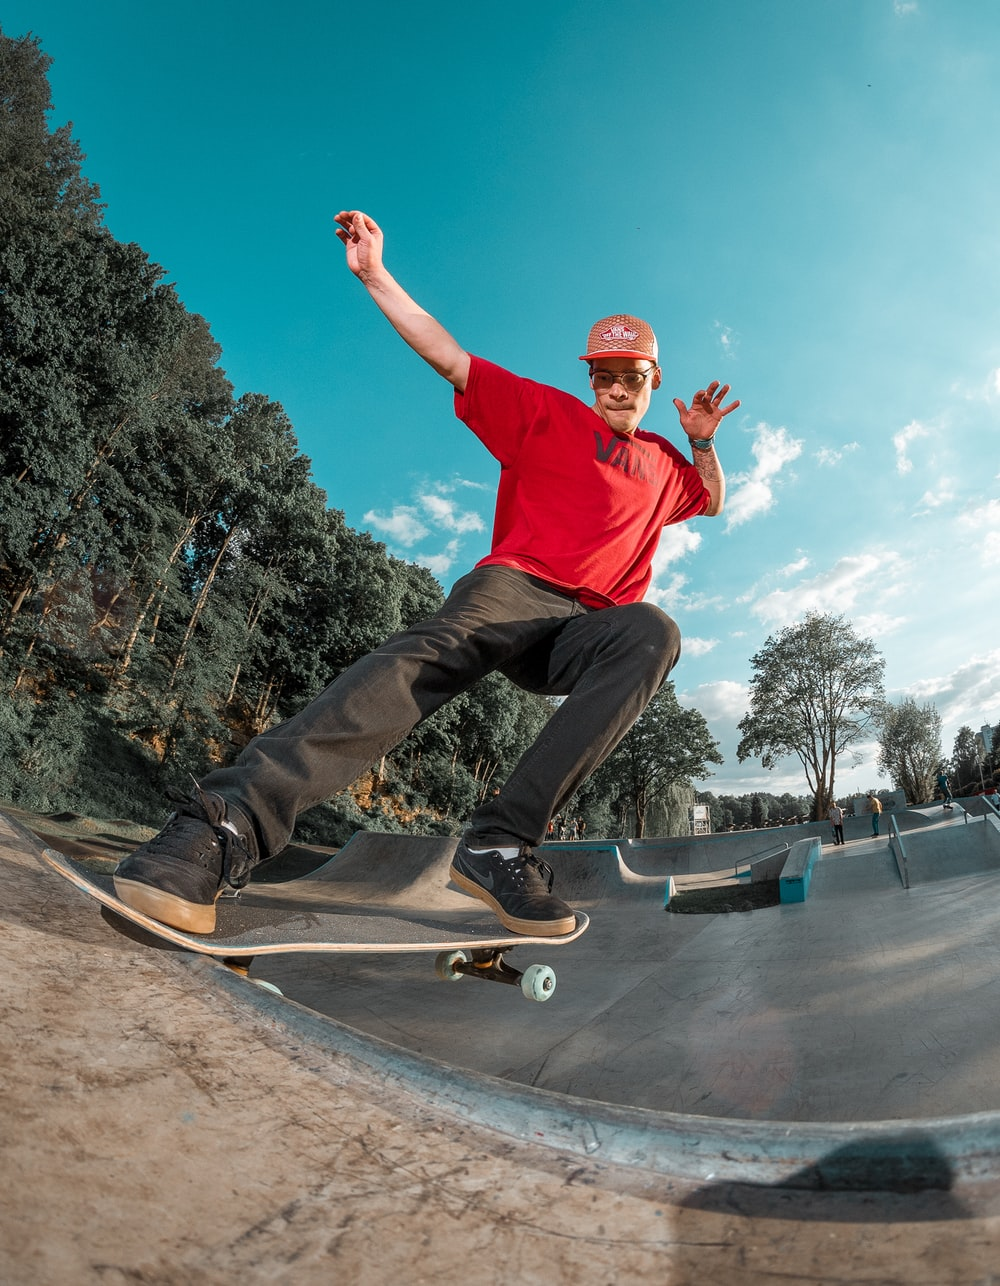 man riding skateboard on skate park during daytime